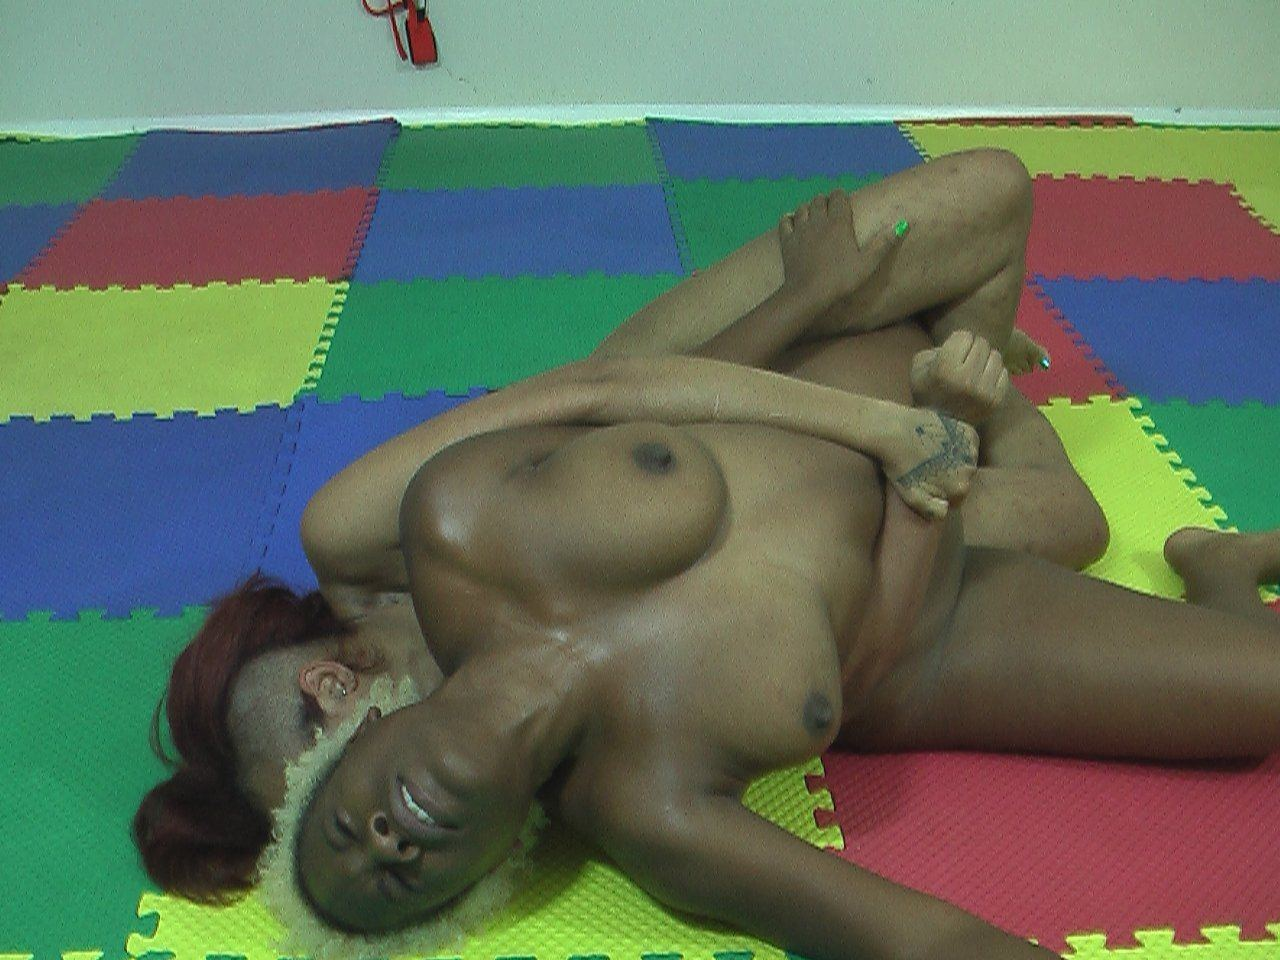 Final, sorry, Black women wrestling naked